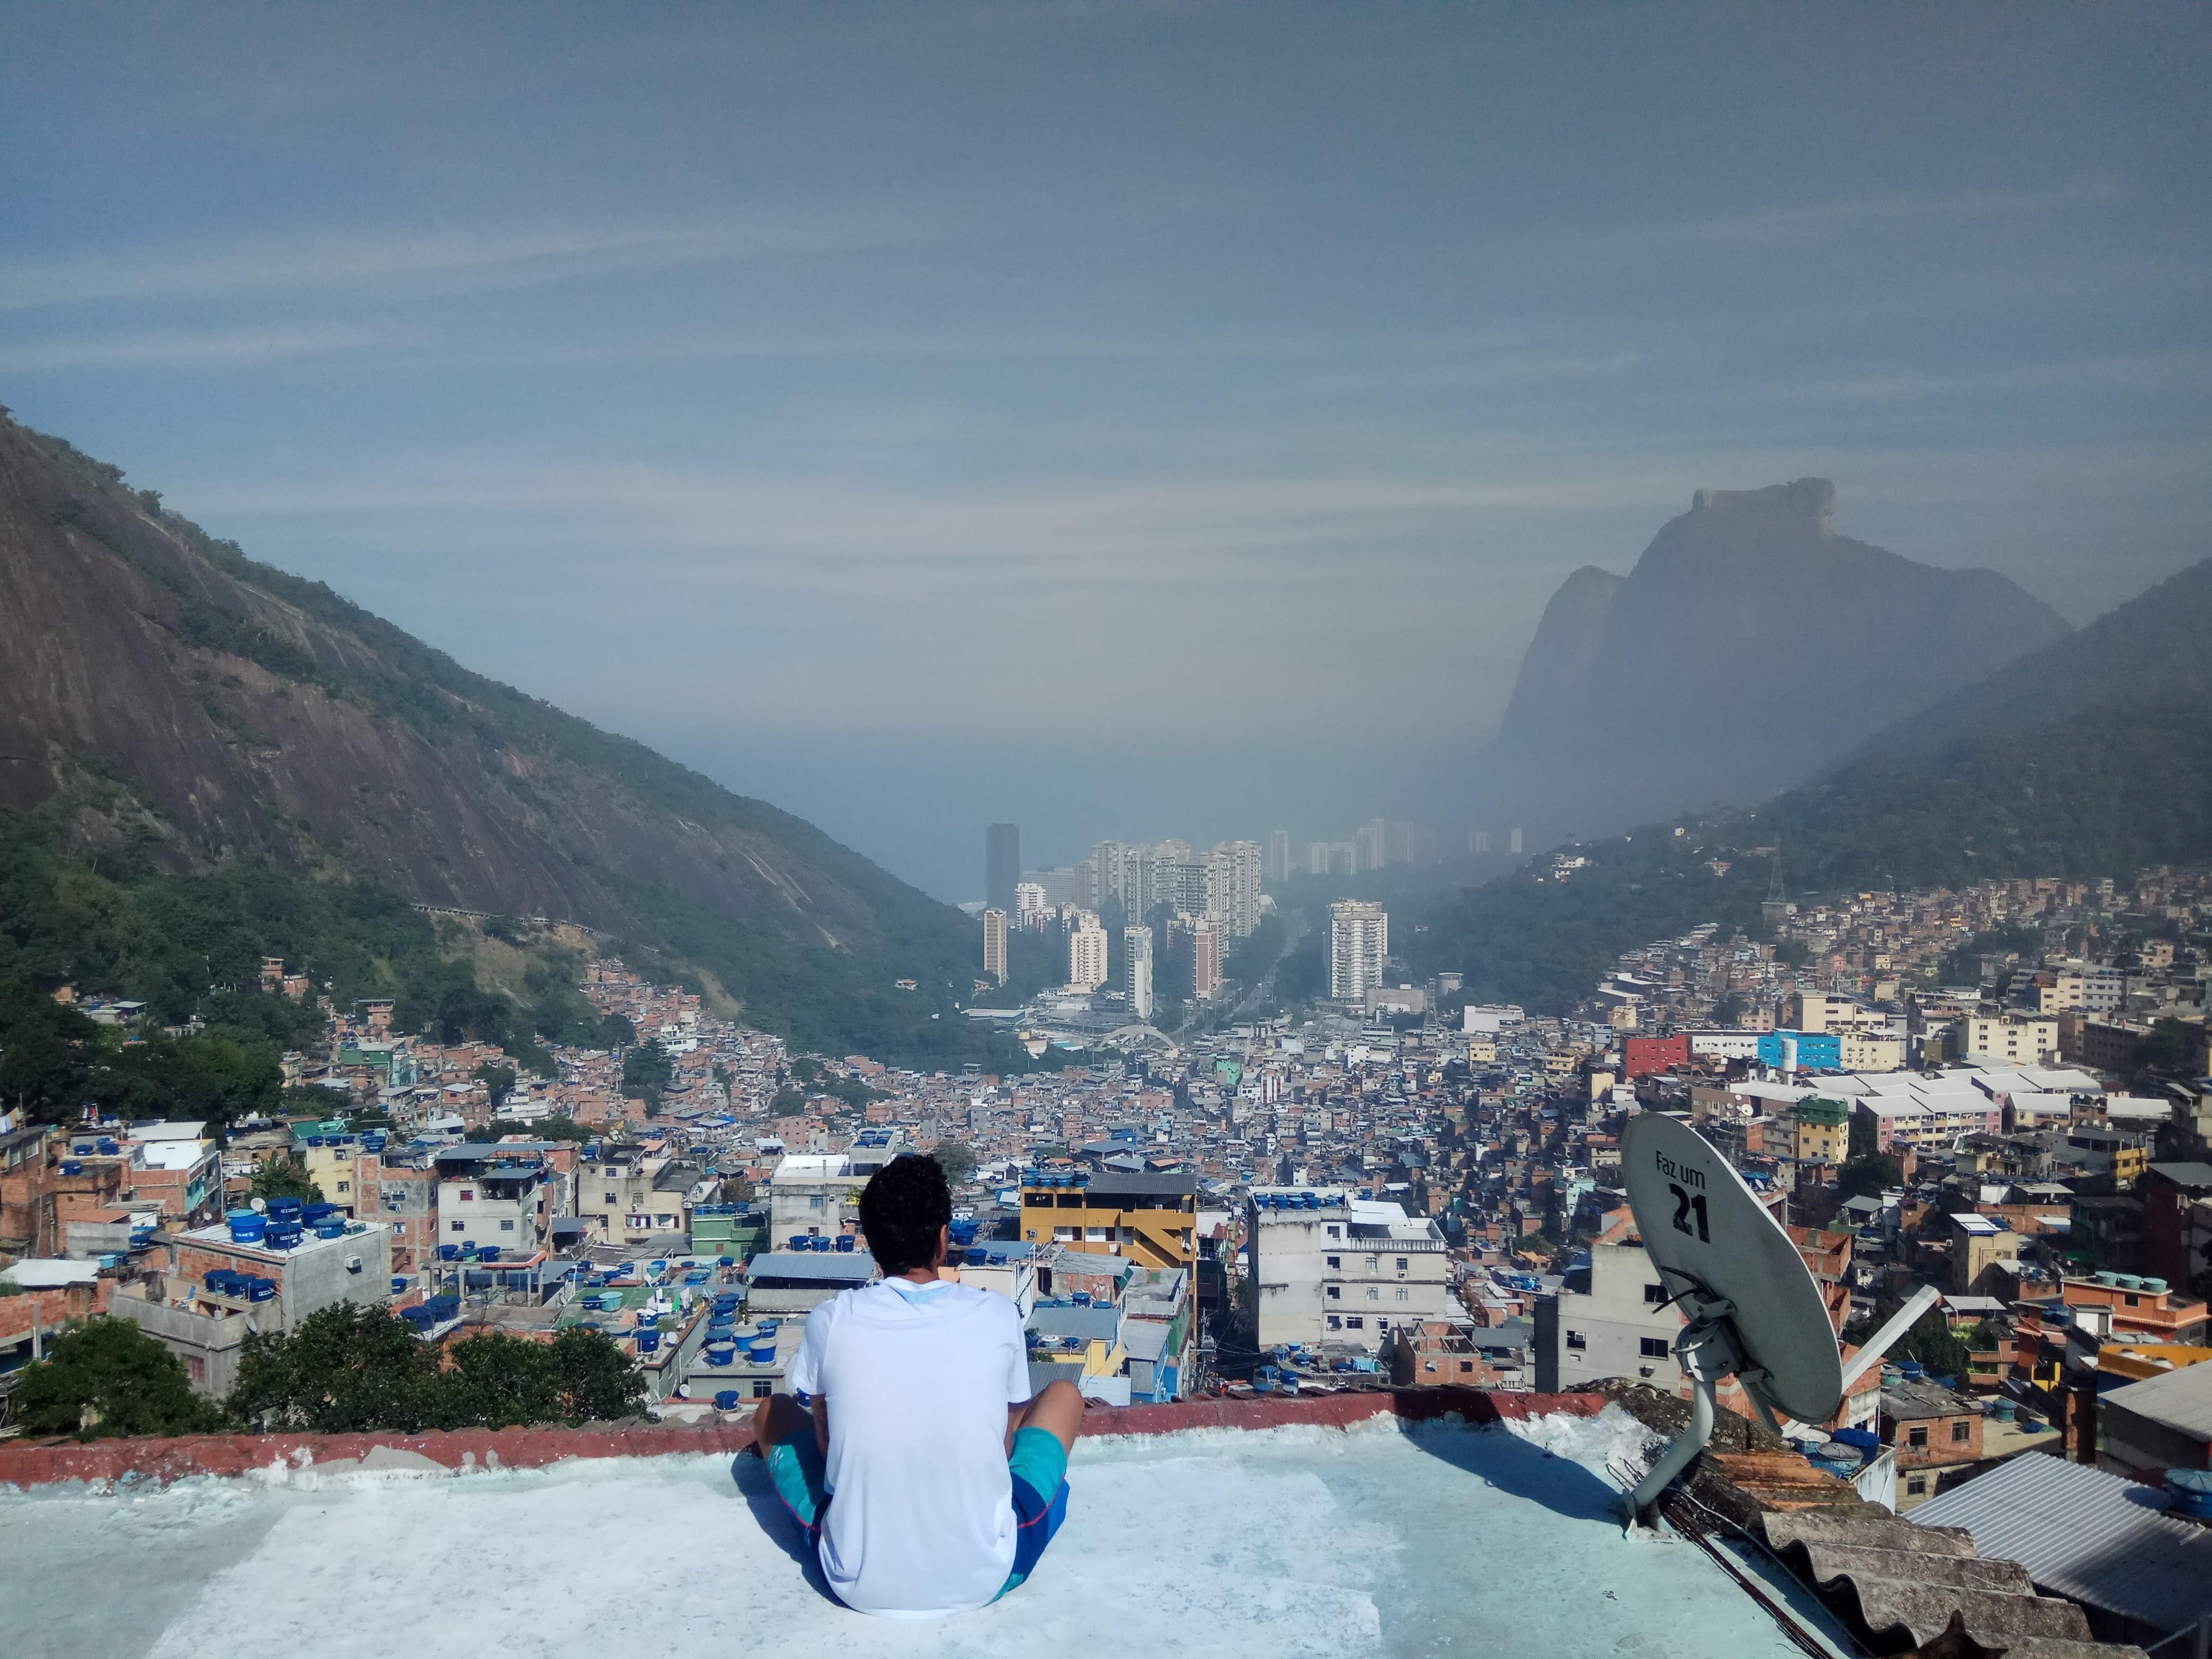 הנוף של ריו מהפאבלה